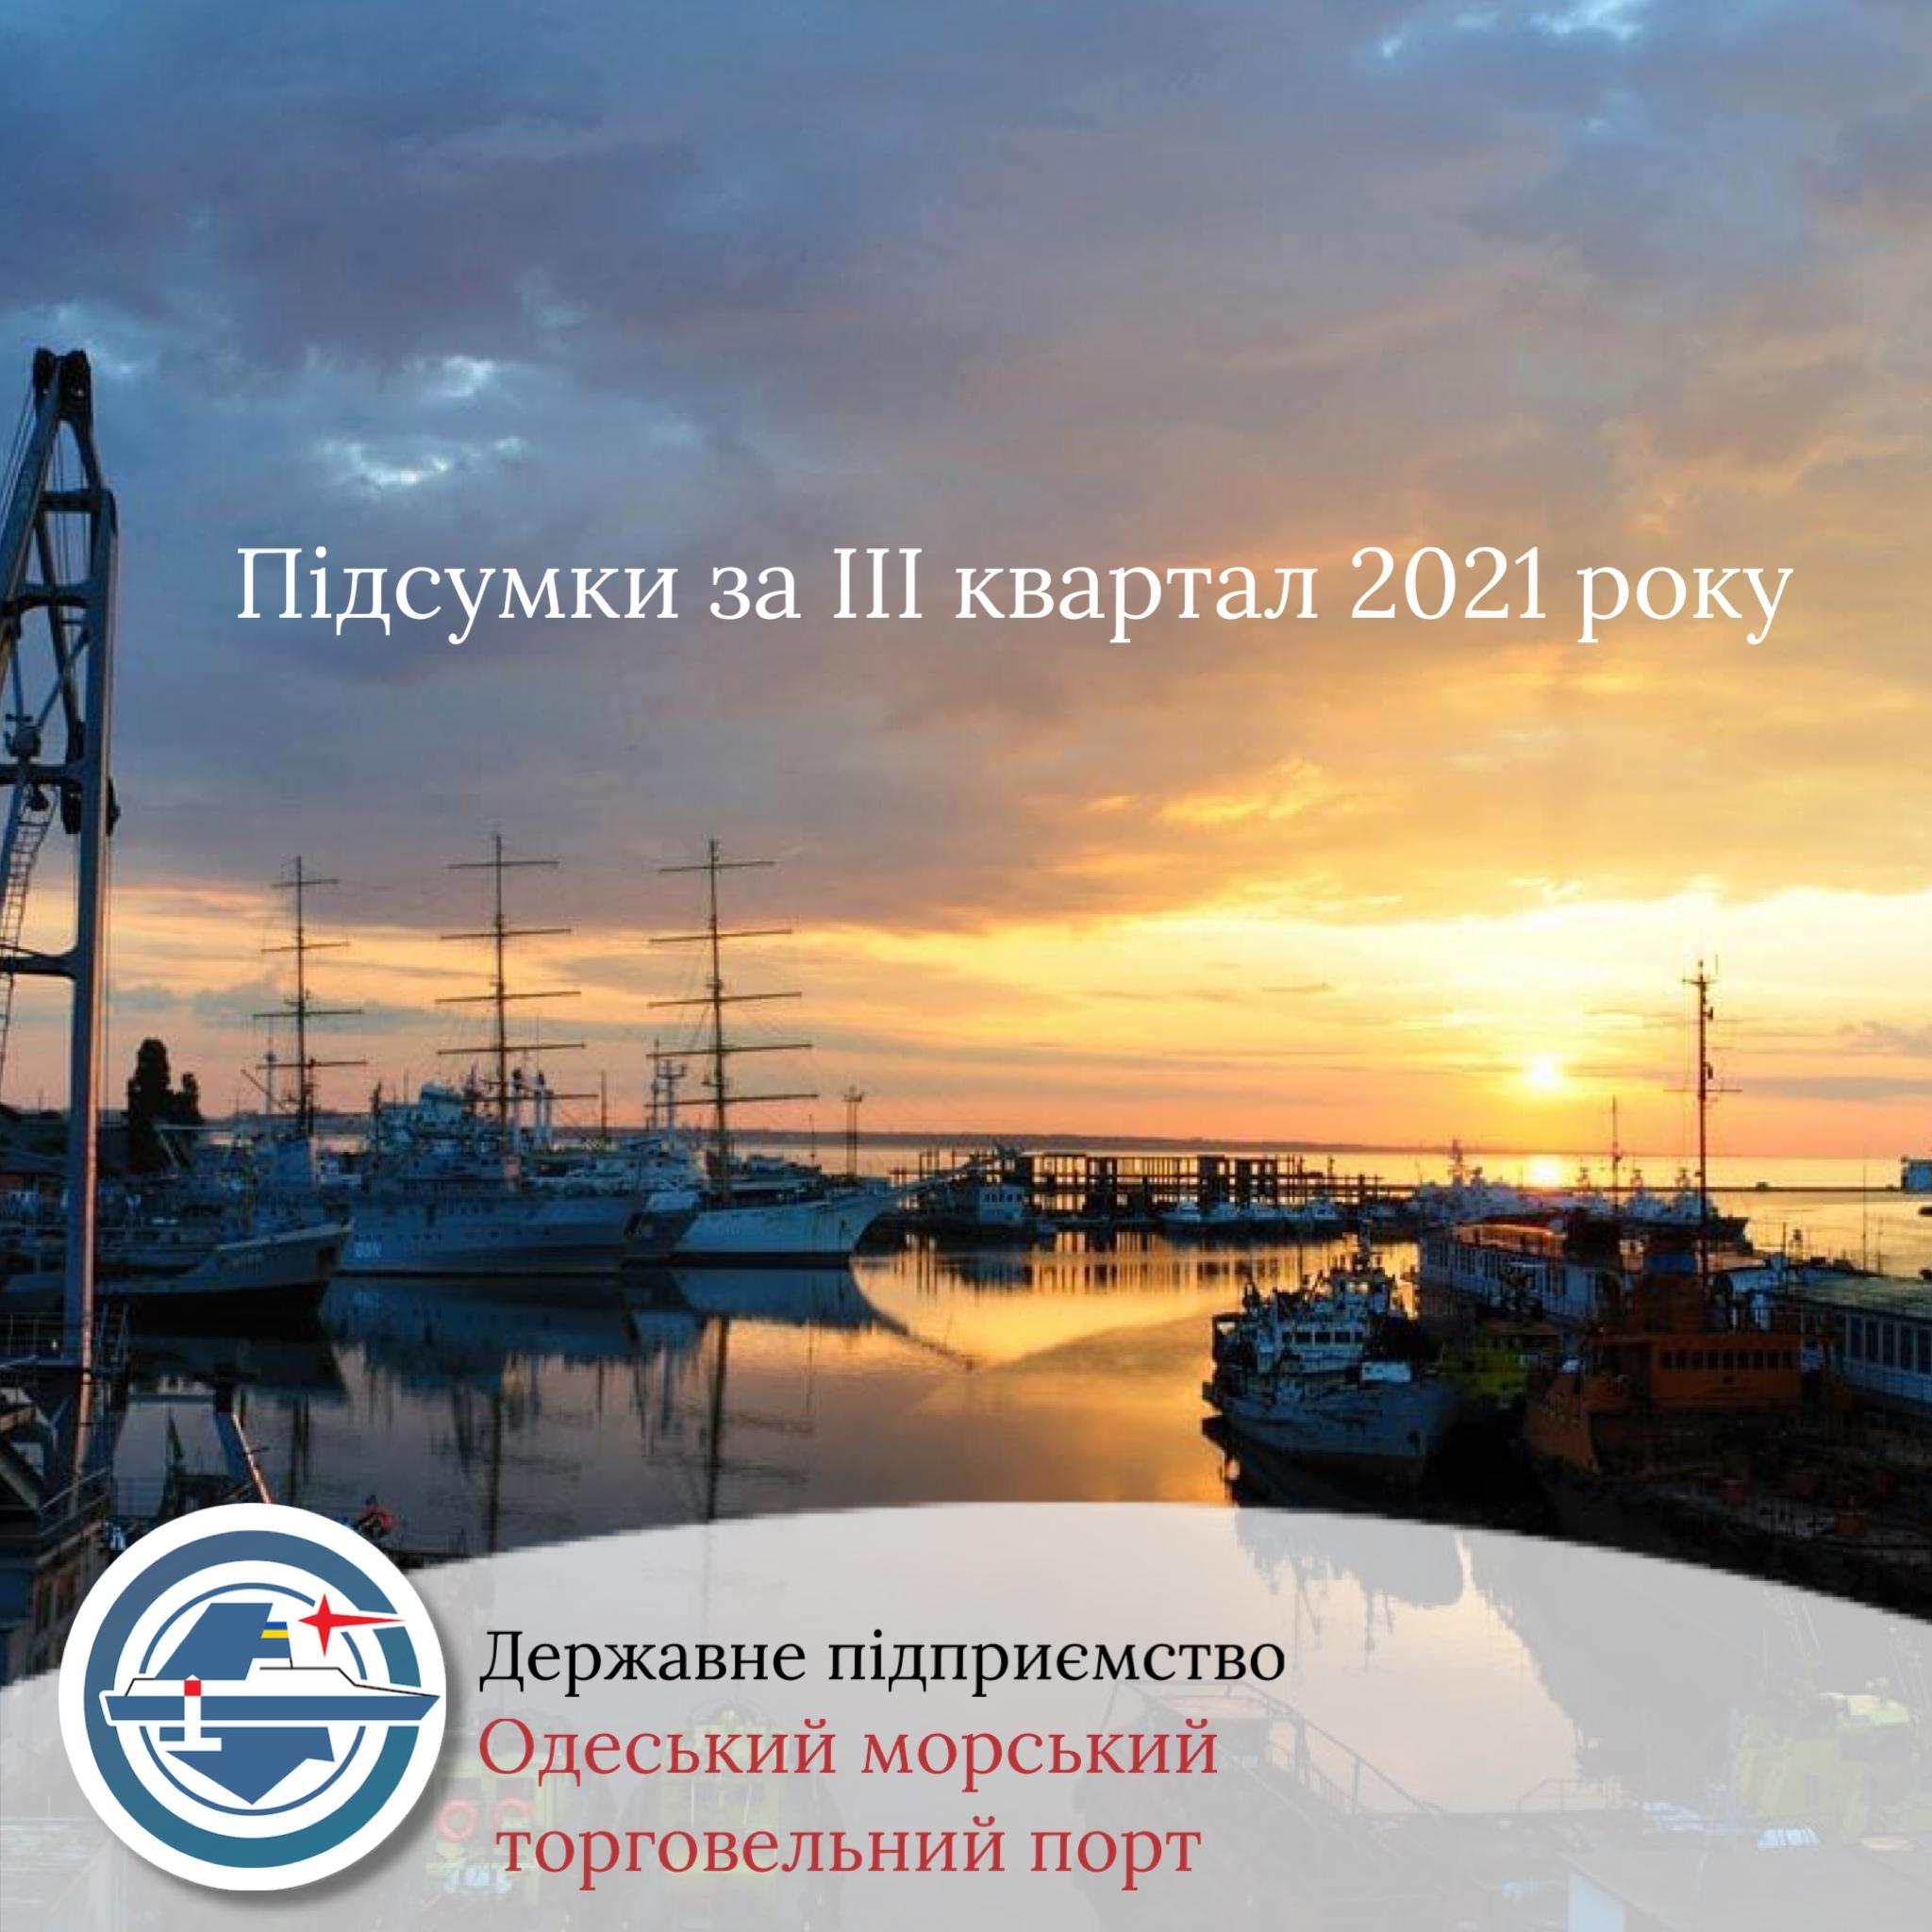 Підсумки за ІІІ квартал 2021 року